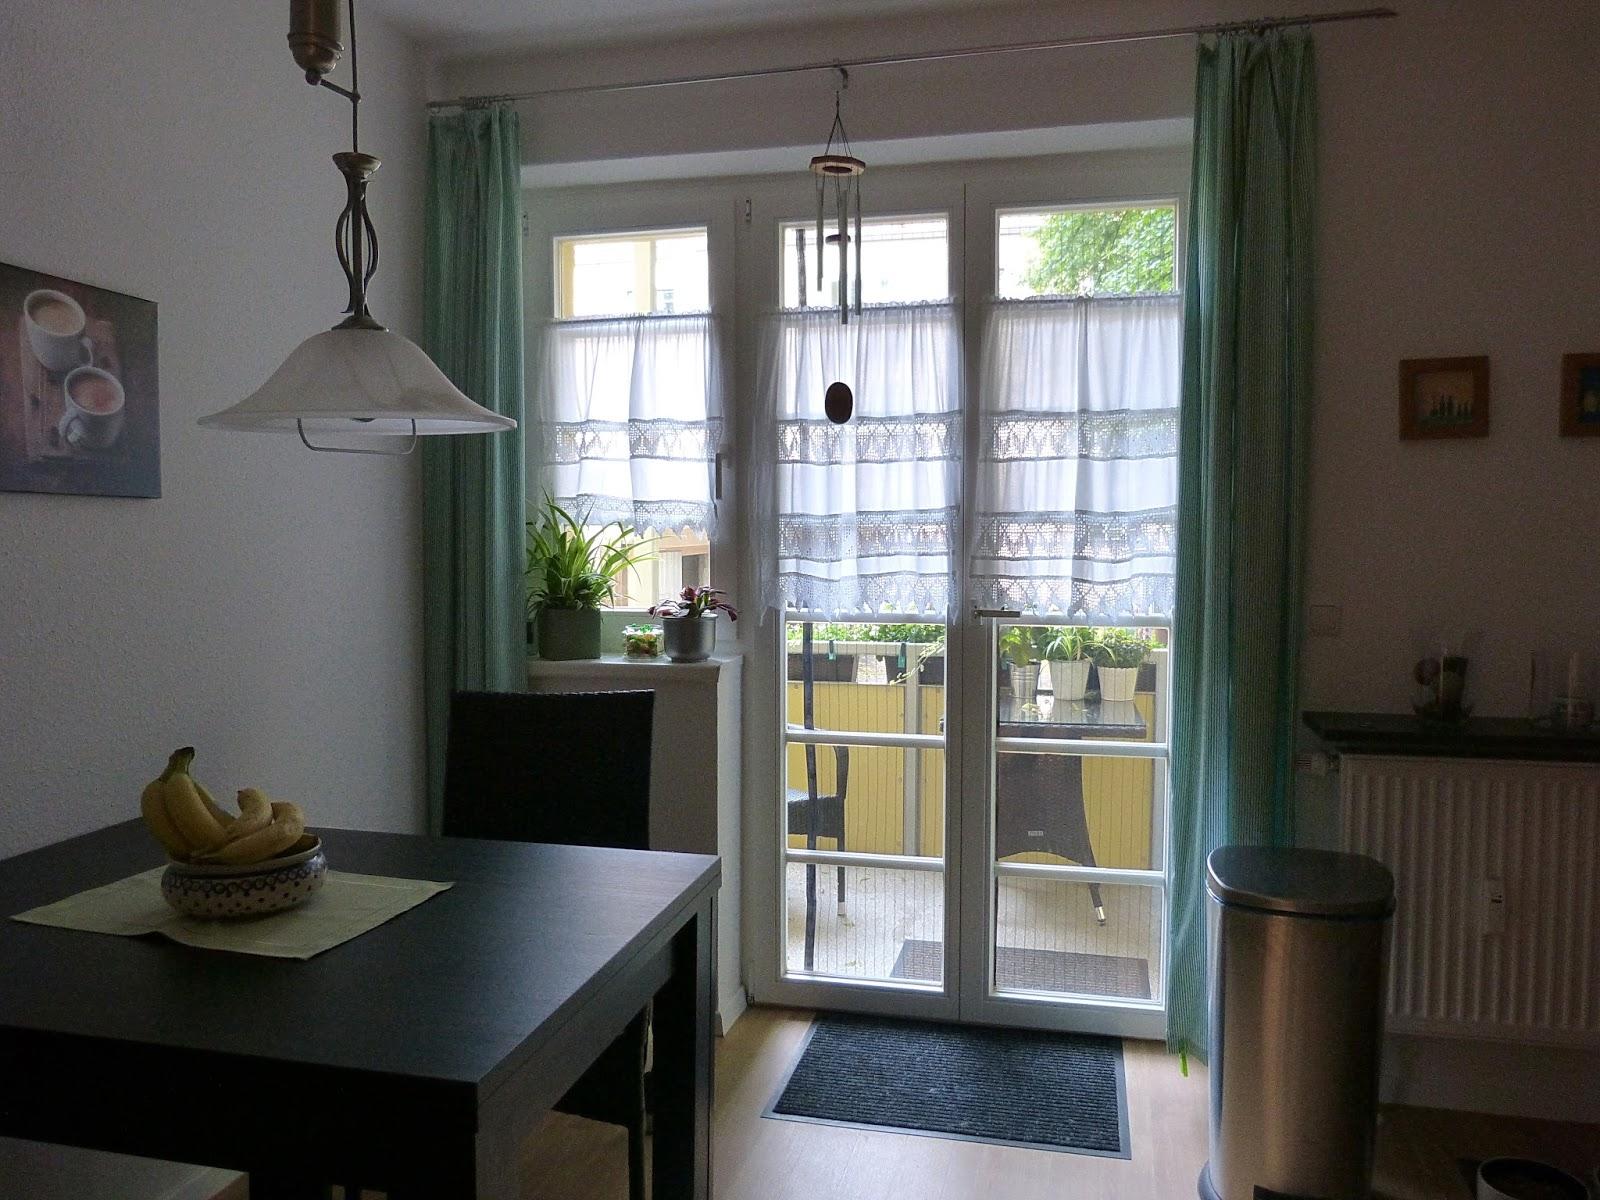 caaties hobbykiste. Black Bedroom Furniture Sets. Home Design Ideas